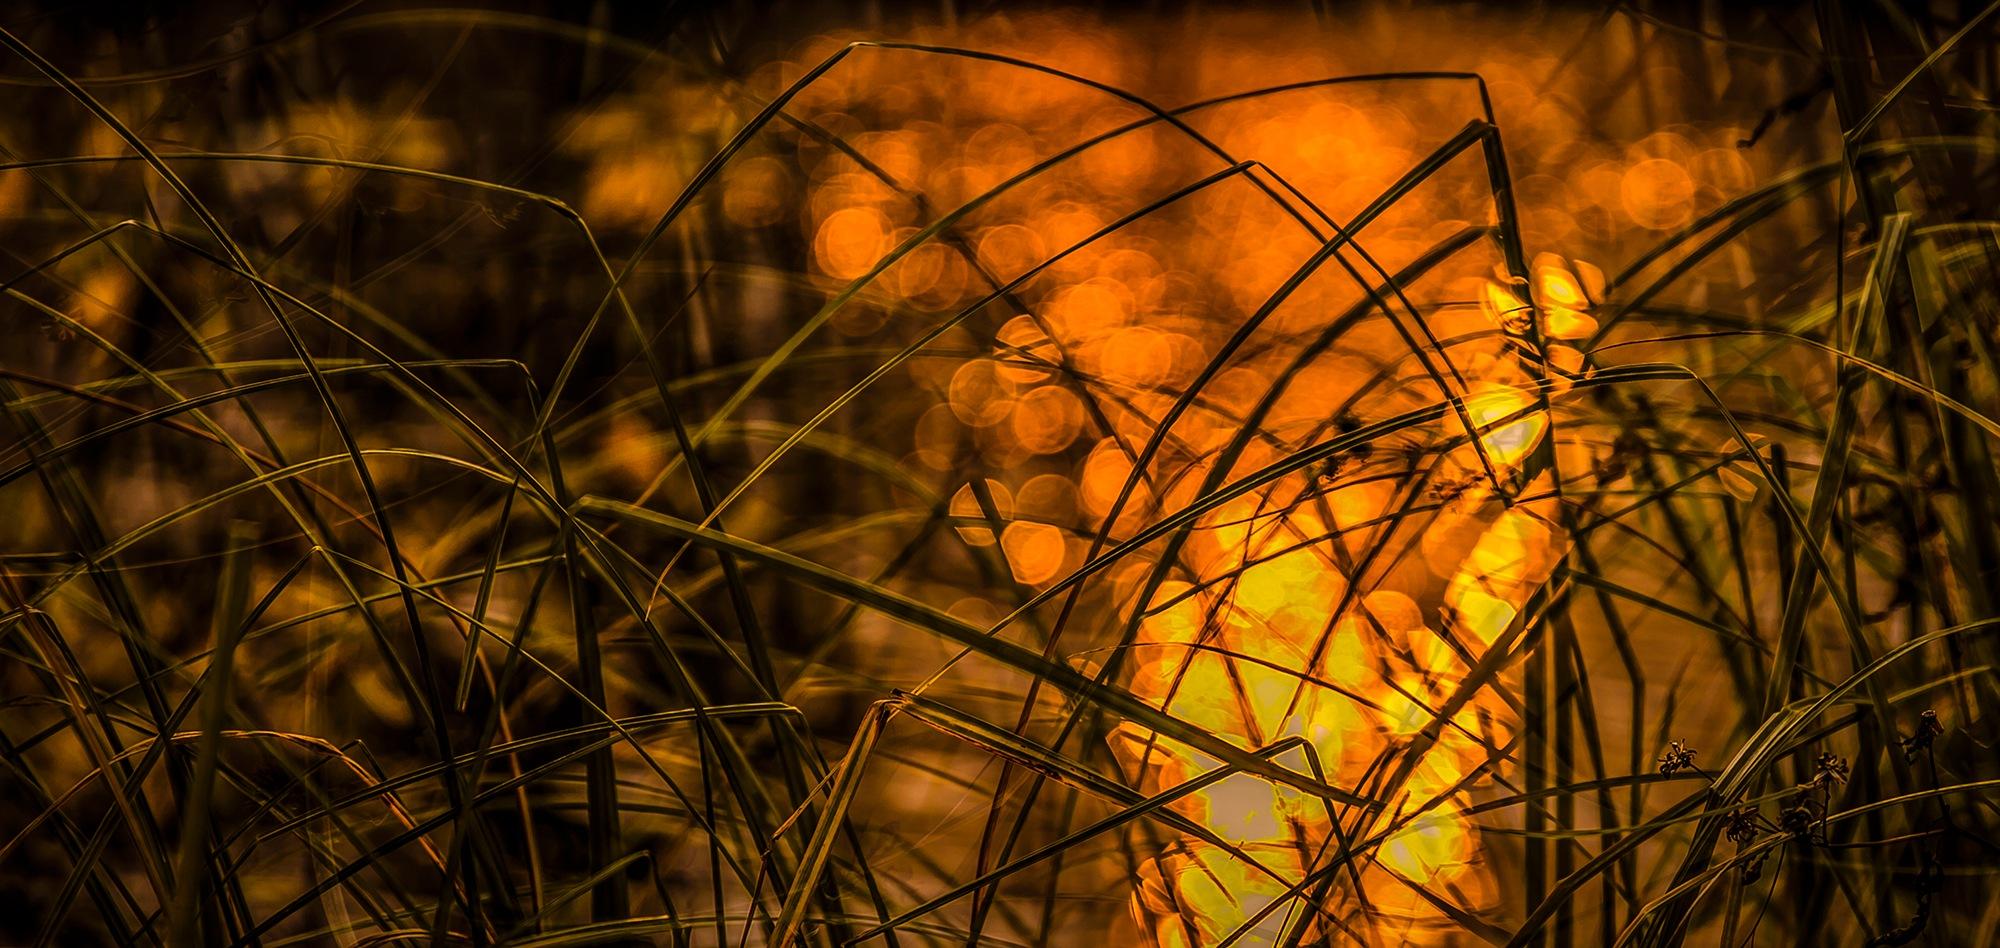 Пожар by Kley Sergey